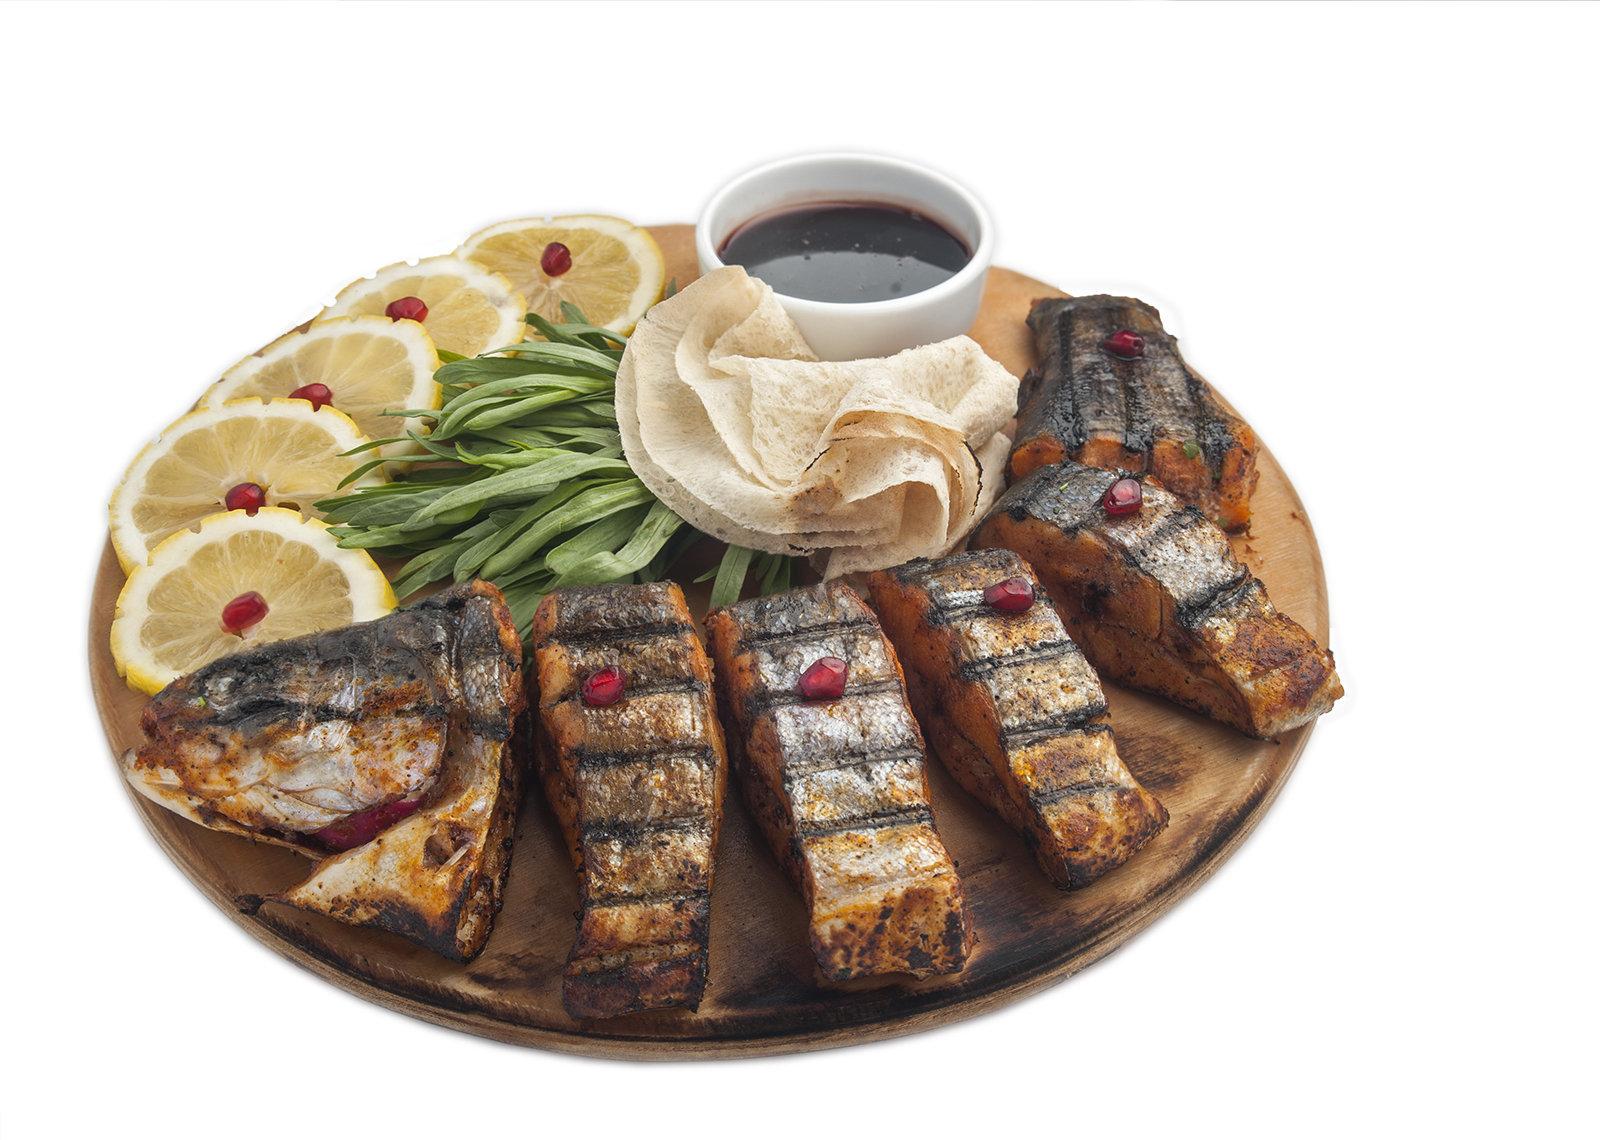 армянское национальное блюдо из рыбы